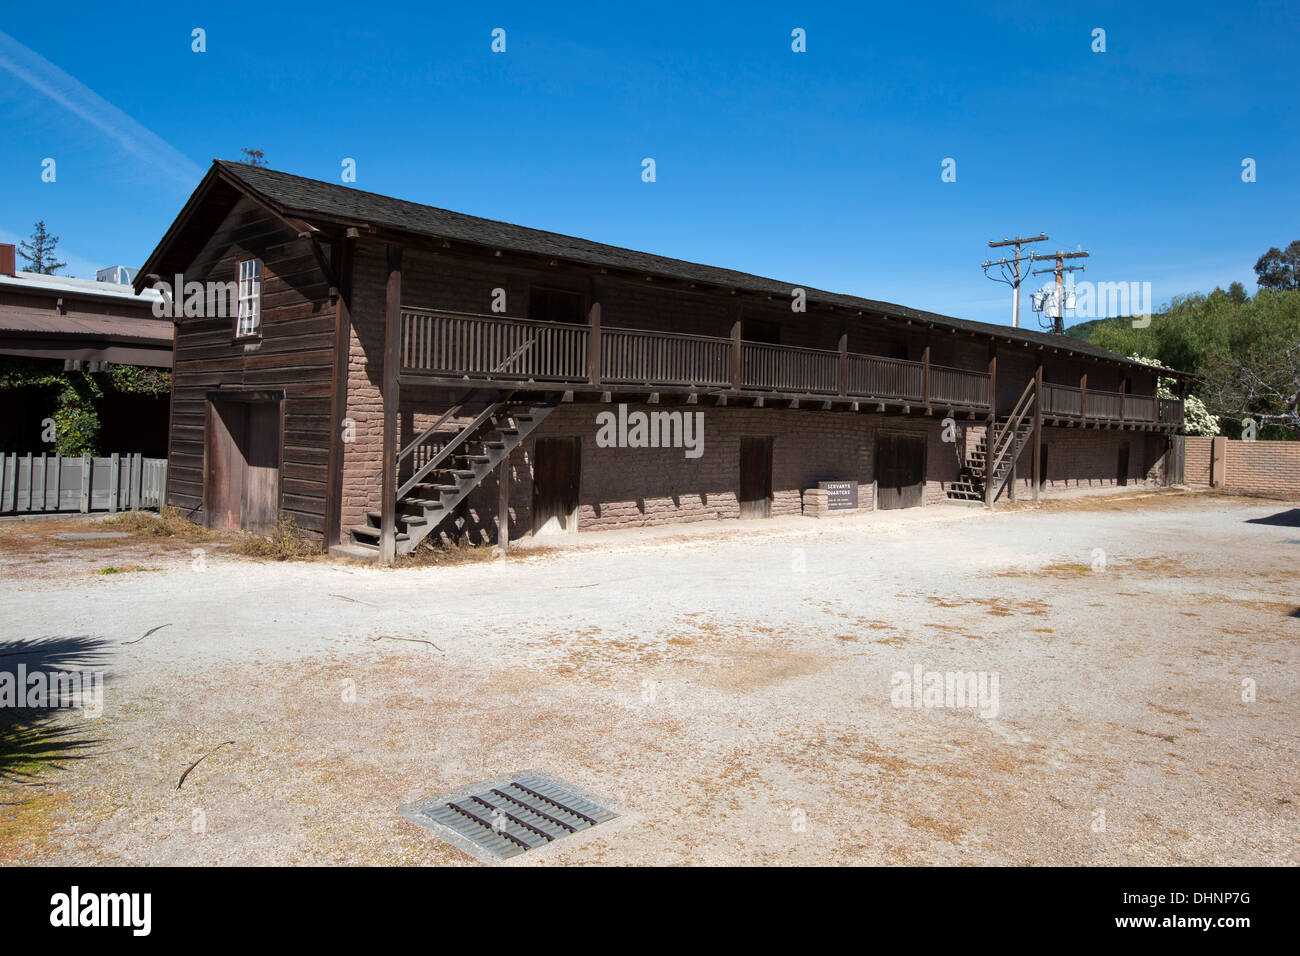 Servants Quarters of La Casa Grande first home of General Mariano Guadalupe Vallejo, Sonoma, California, U.S.A. - Stock Image